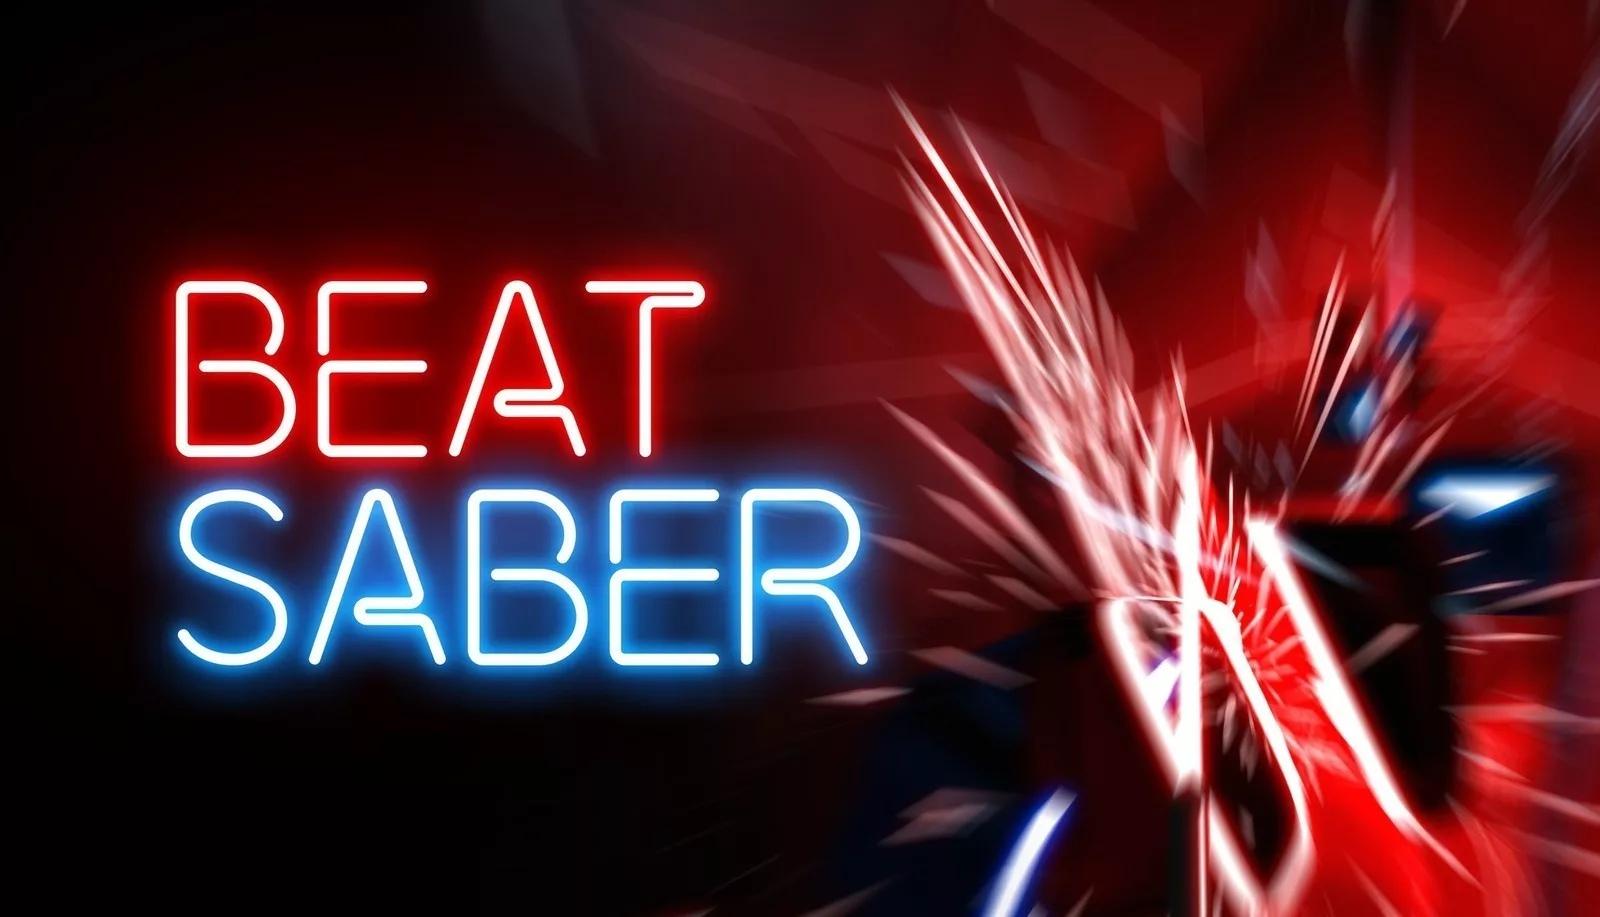 Ритм-игра Beat Saber стала первым VR-проектом, продажи котор